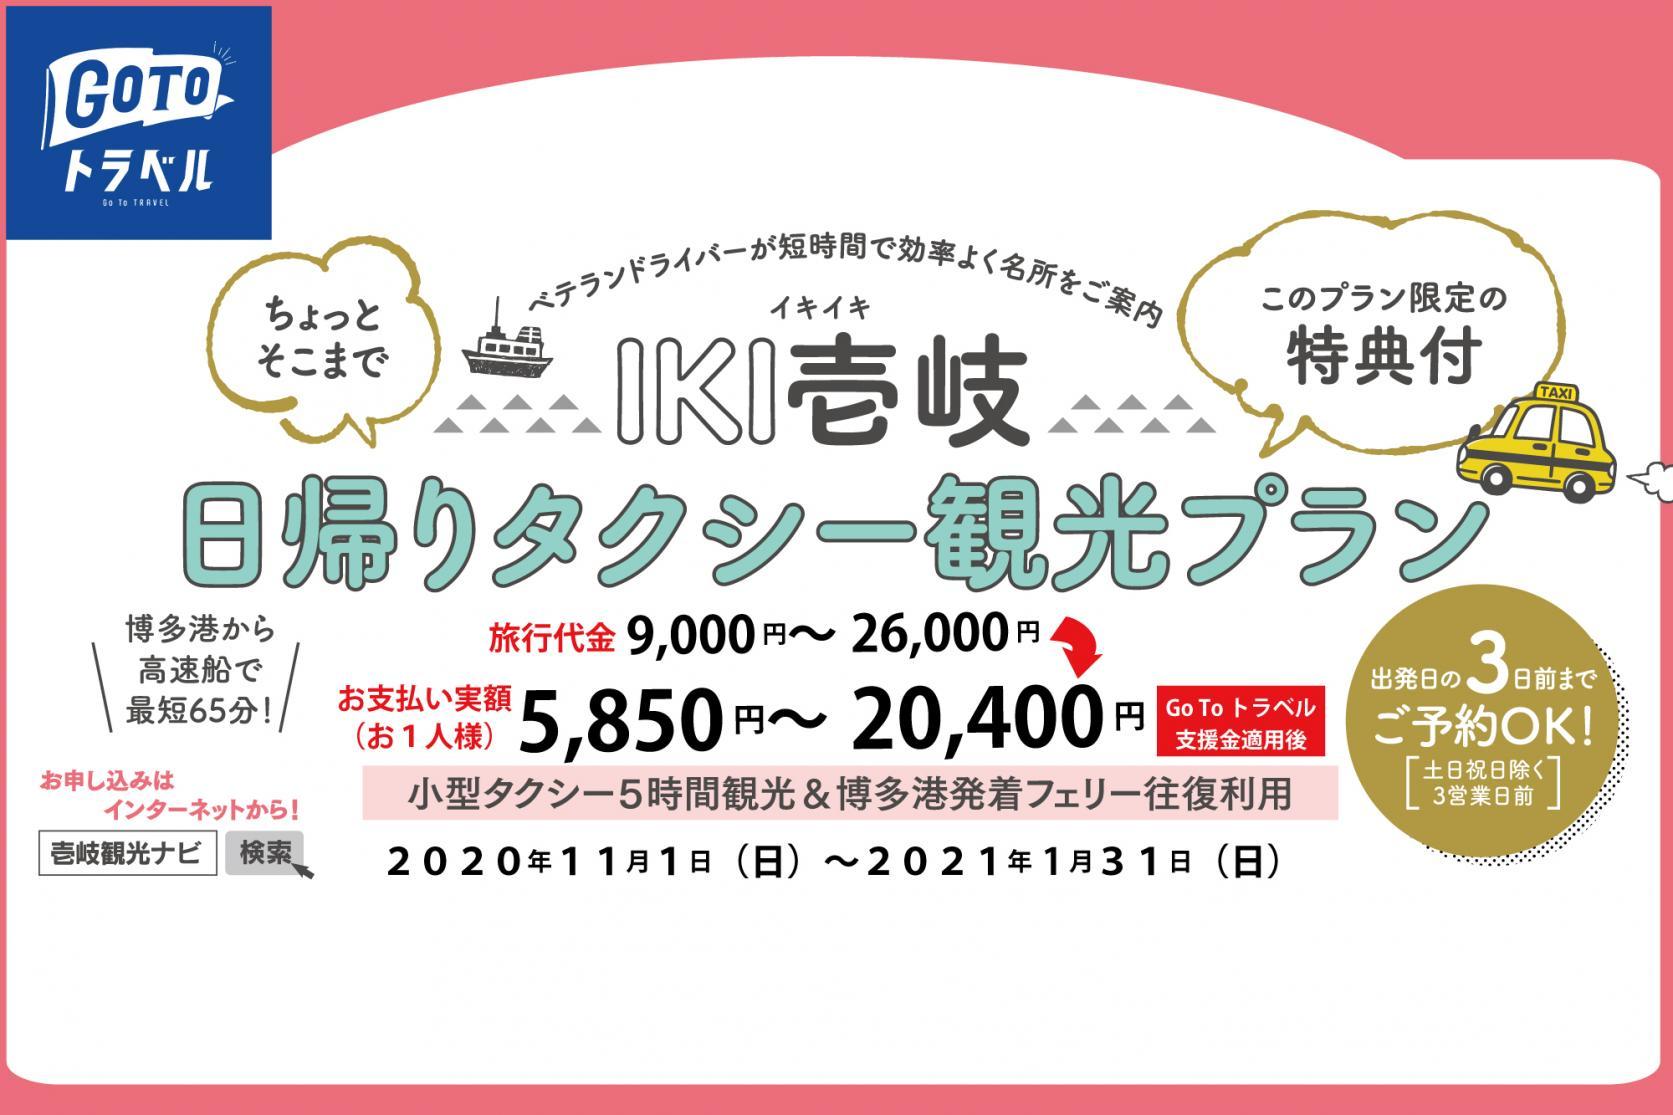 goto「IKI壱岐日帰りタクシー観光付プラン」-1